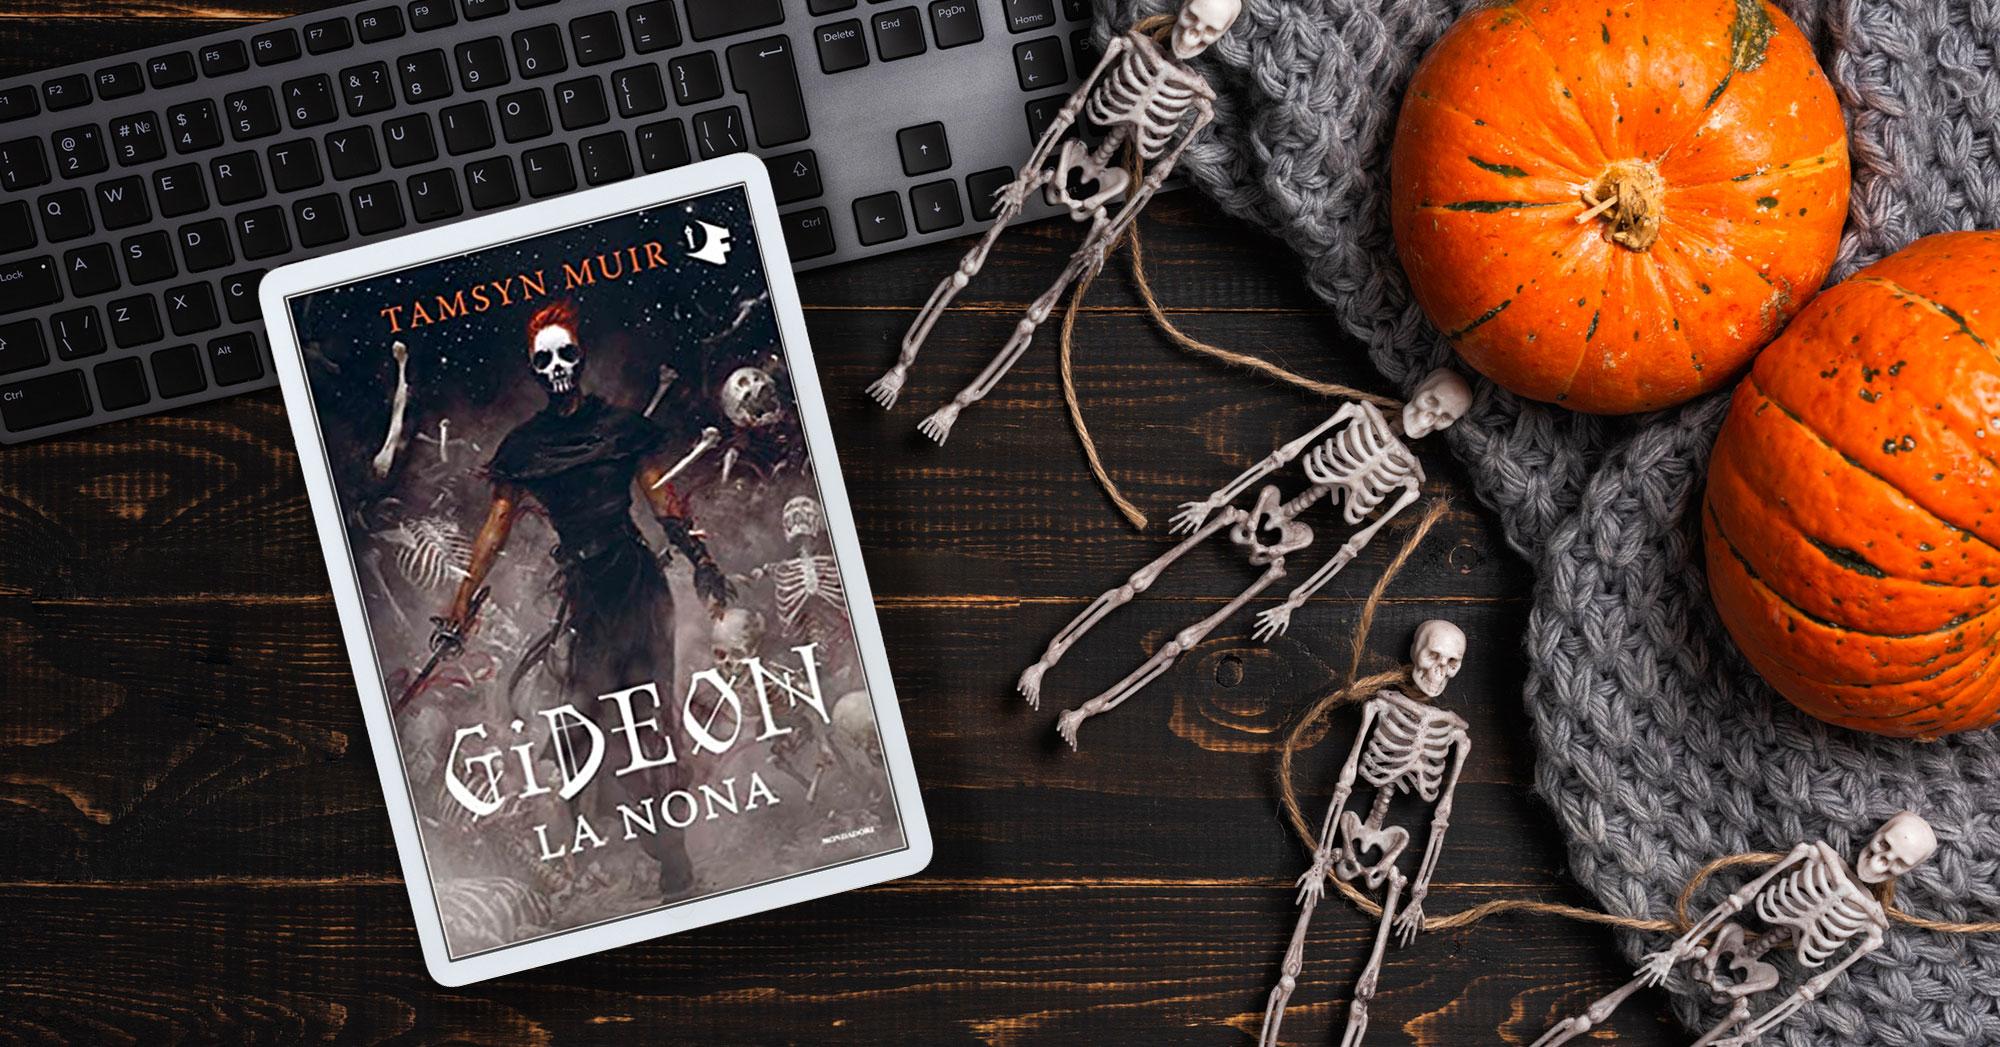 """iPad con la copertina di """"Gideon. La nona"""" su un tavolo con scheletri e zucche"""